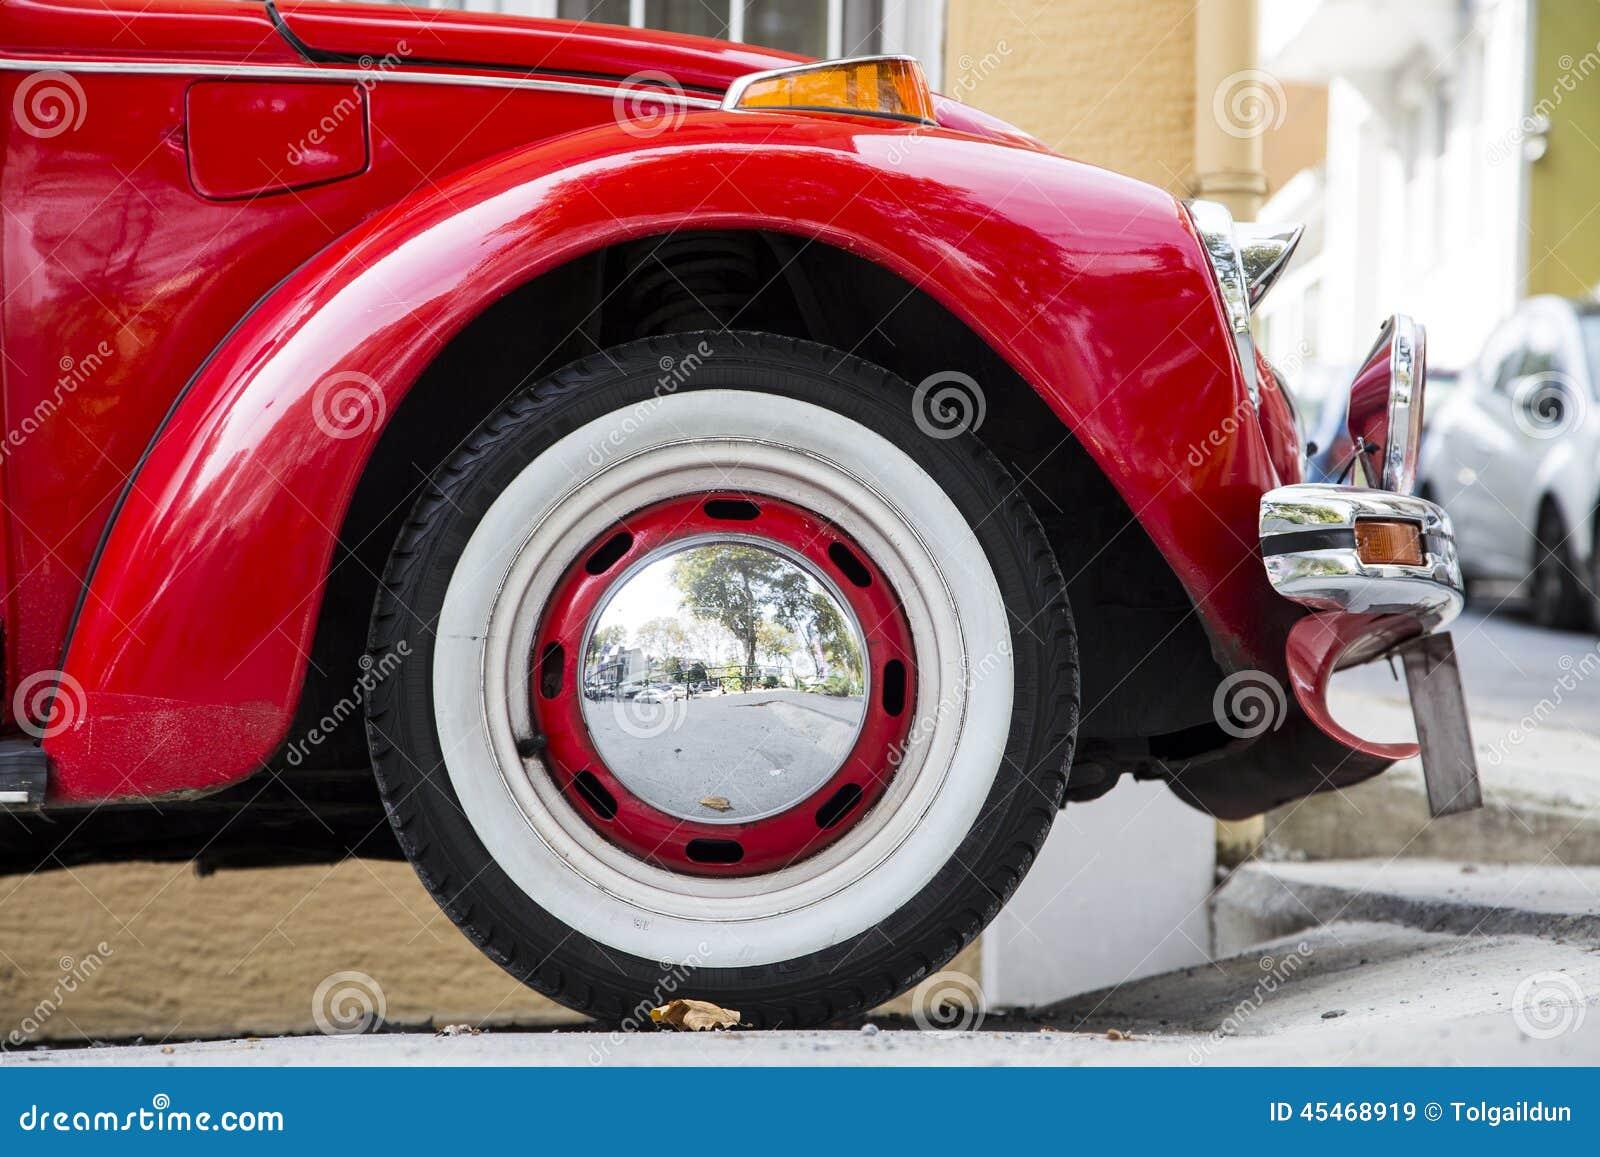 Винтажный классический старый крупный план взгляда со стороны автомобиля VW Beatle